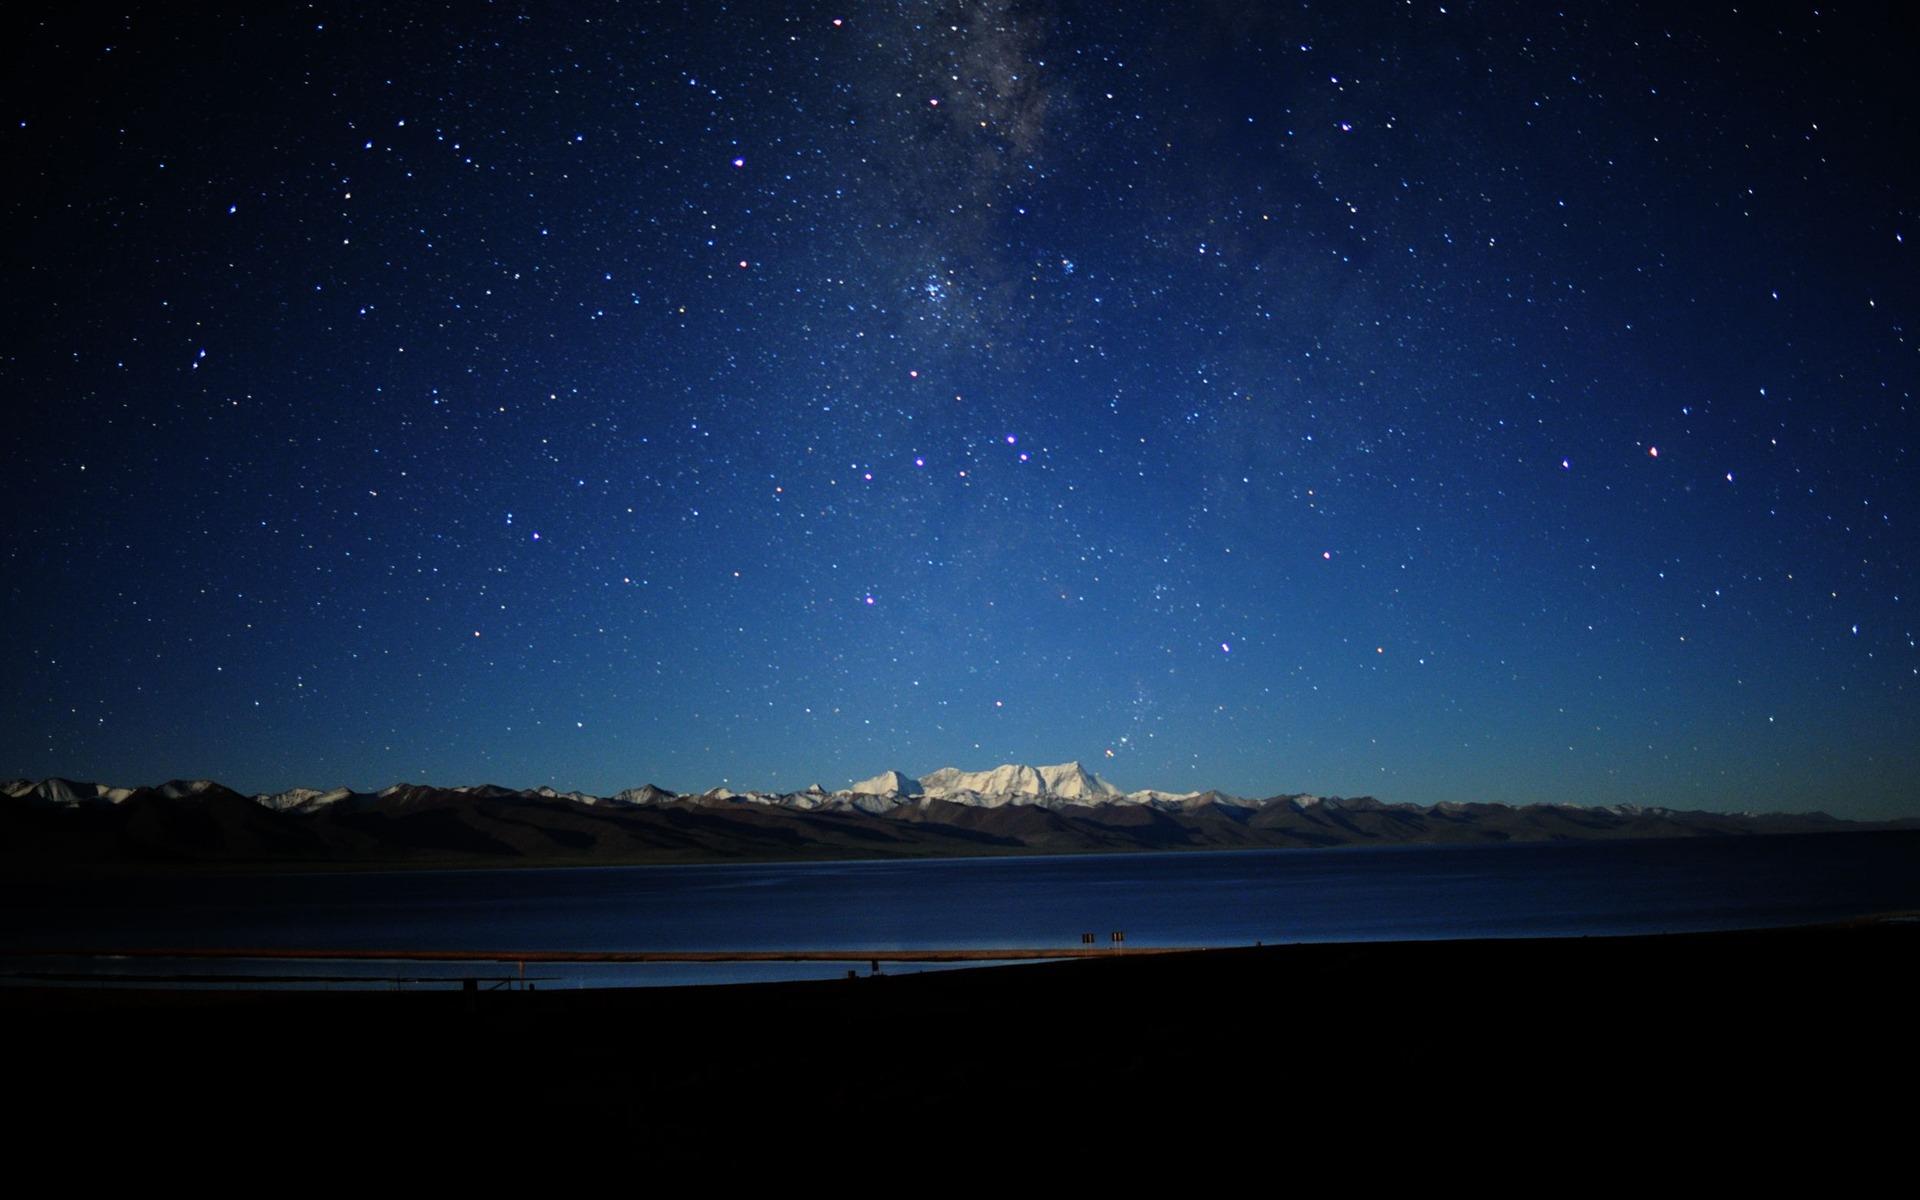 チベットの夜空 自然風景デスクトップ壁紙プレビュー 10wallpaper Com